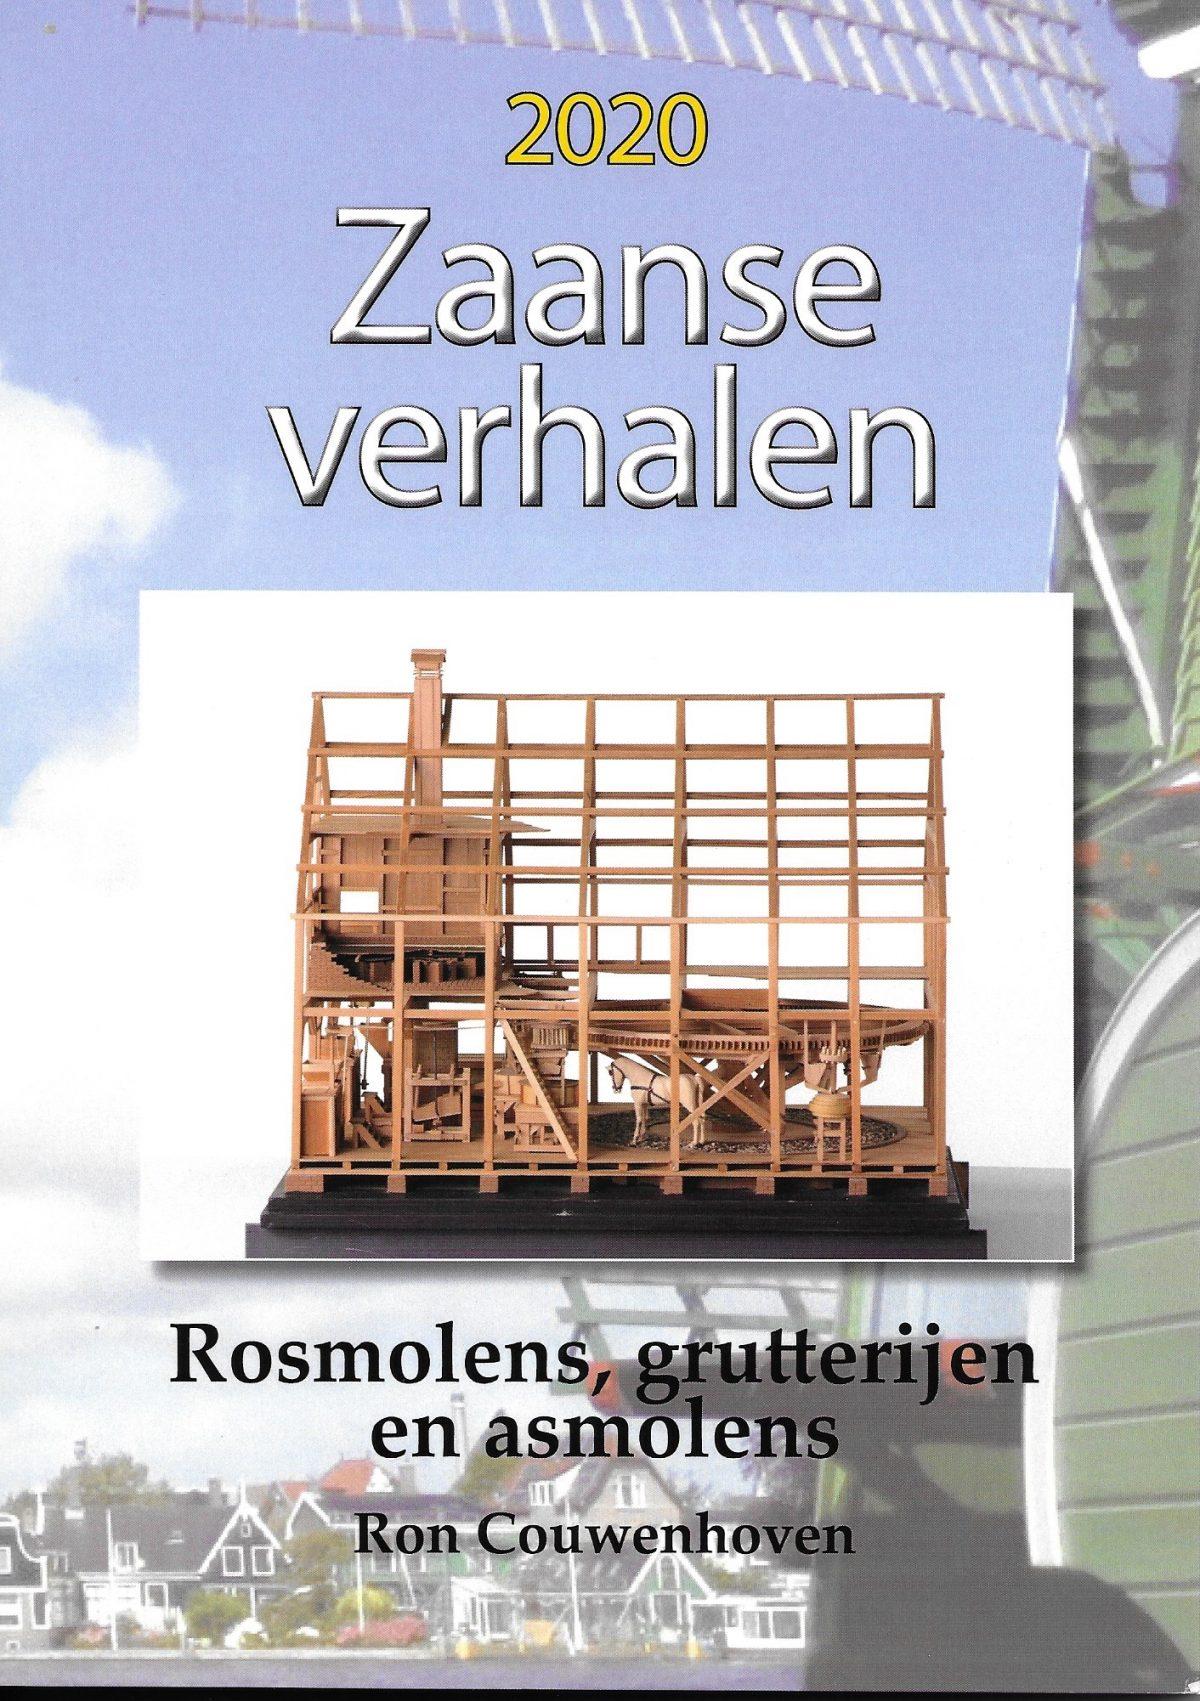 Zaanse Verhalen 2020 - Rosmolens, grutterijen en asmolens